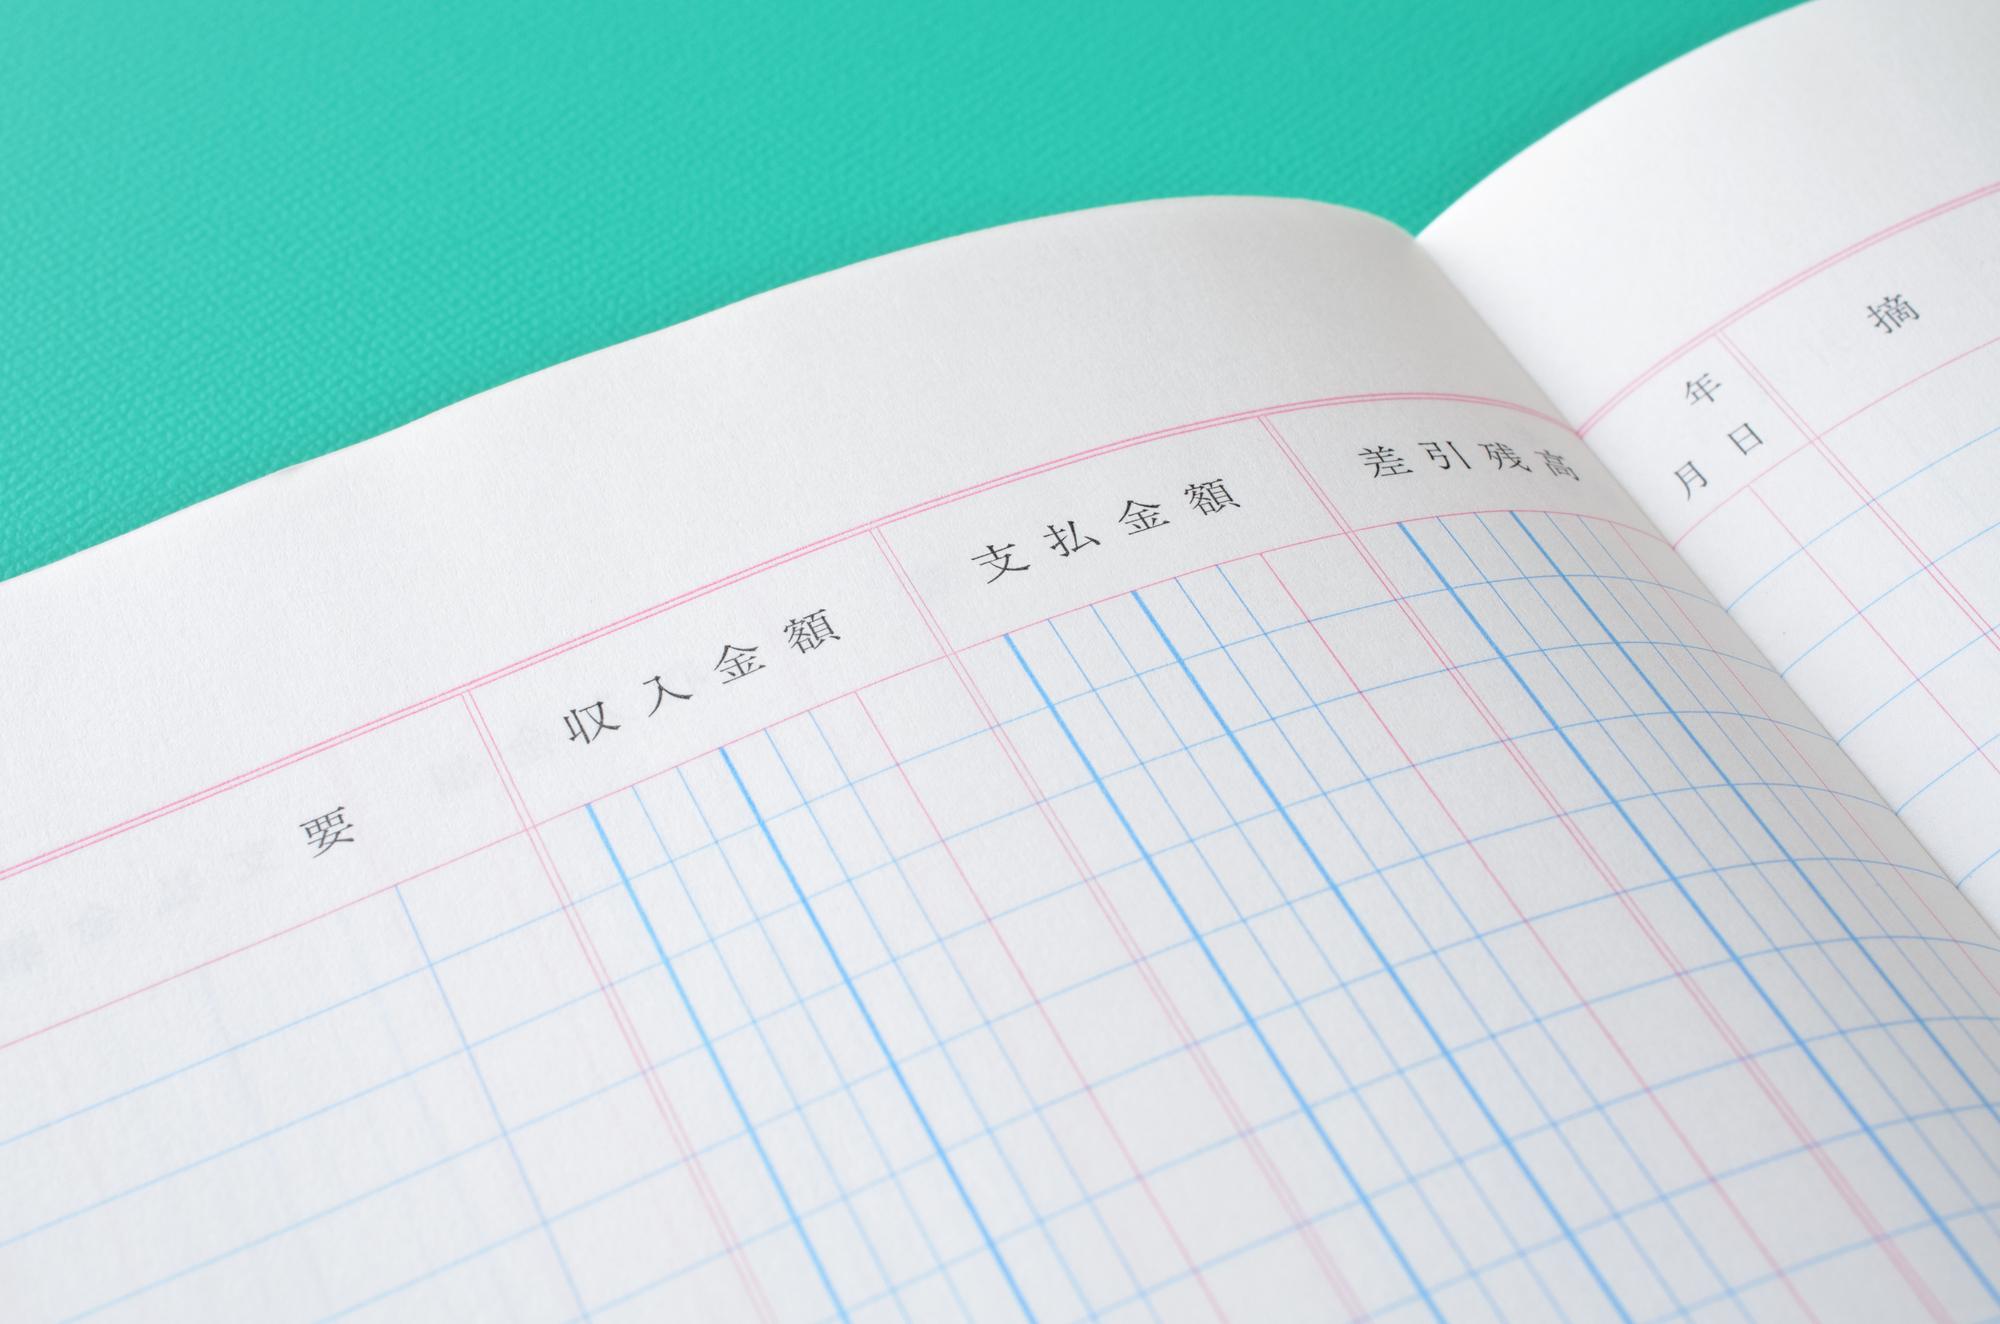 現金出納帳とは?書き方や記載項目を分かりやすく解説